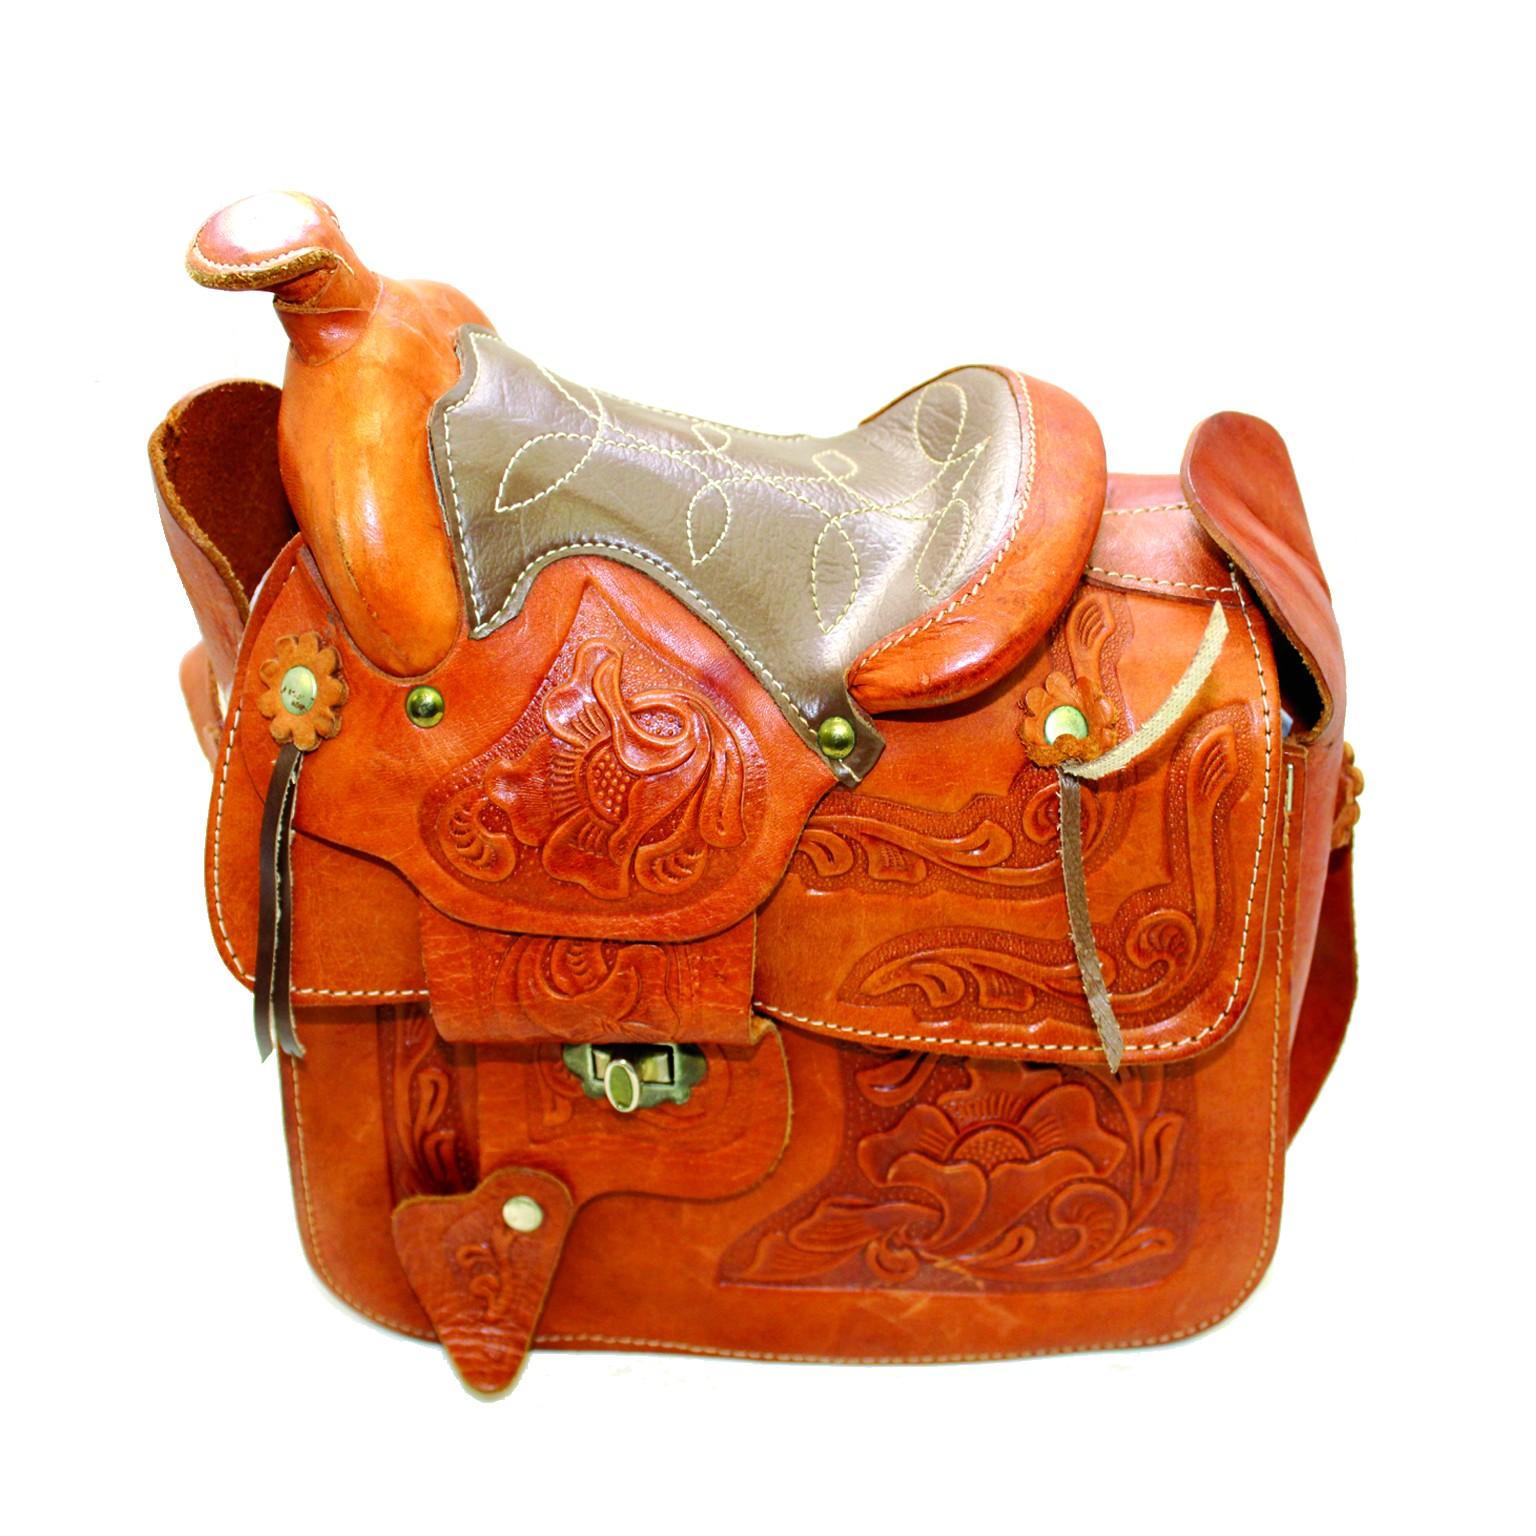 Leather saddle photo